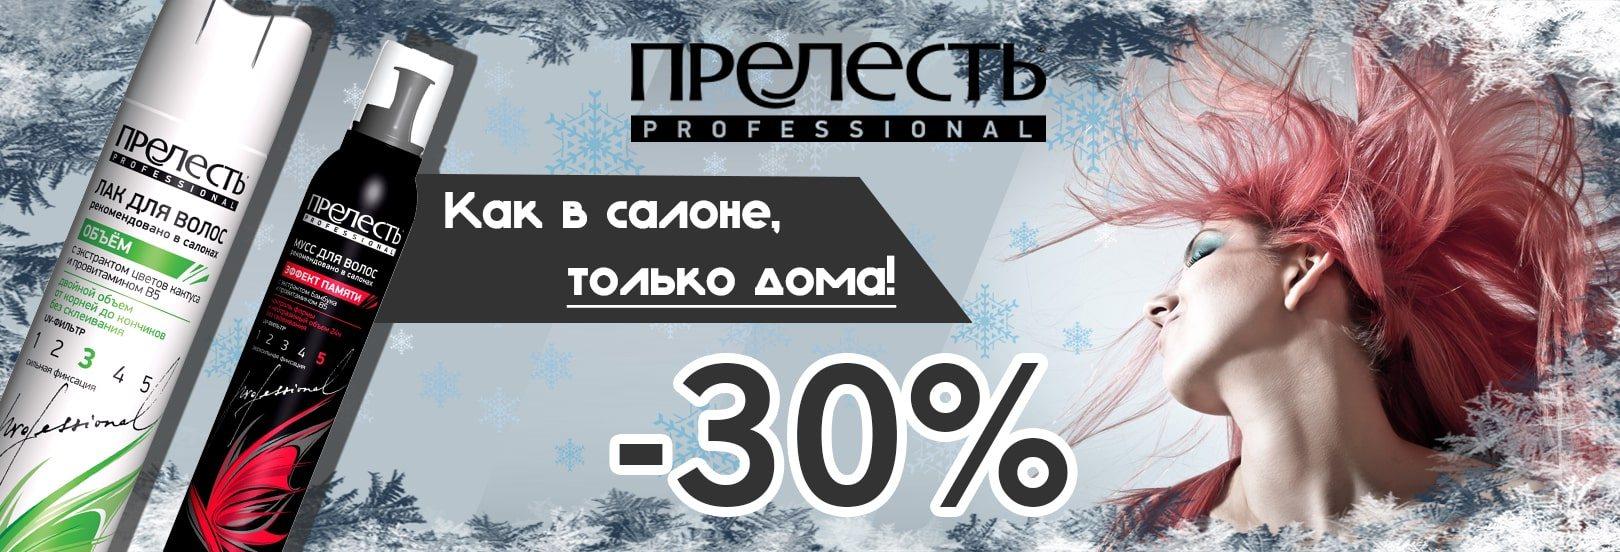 #совет профессионалов